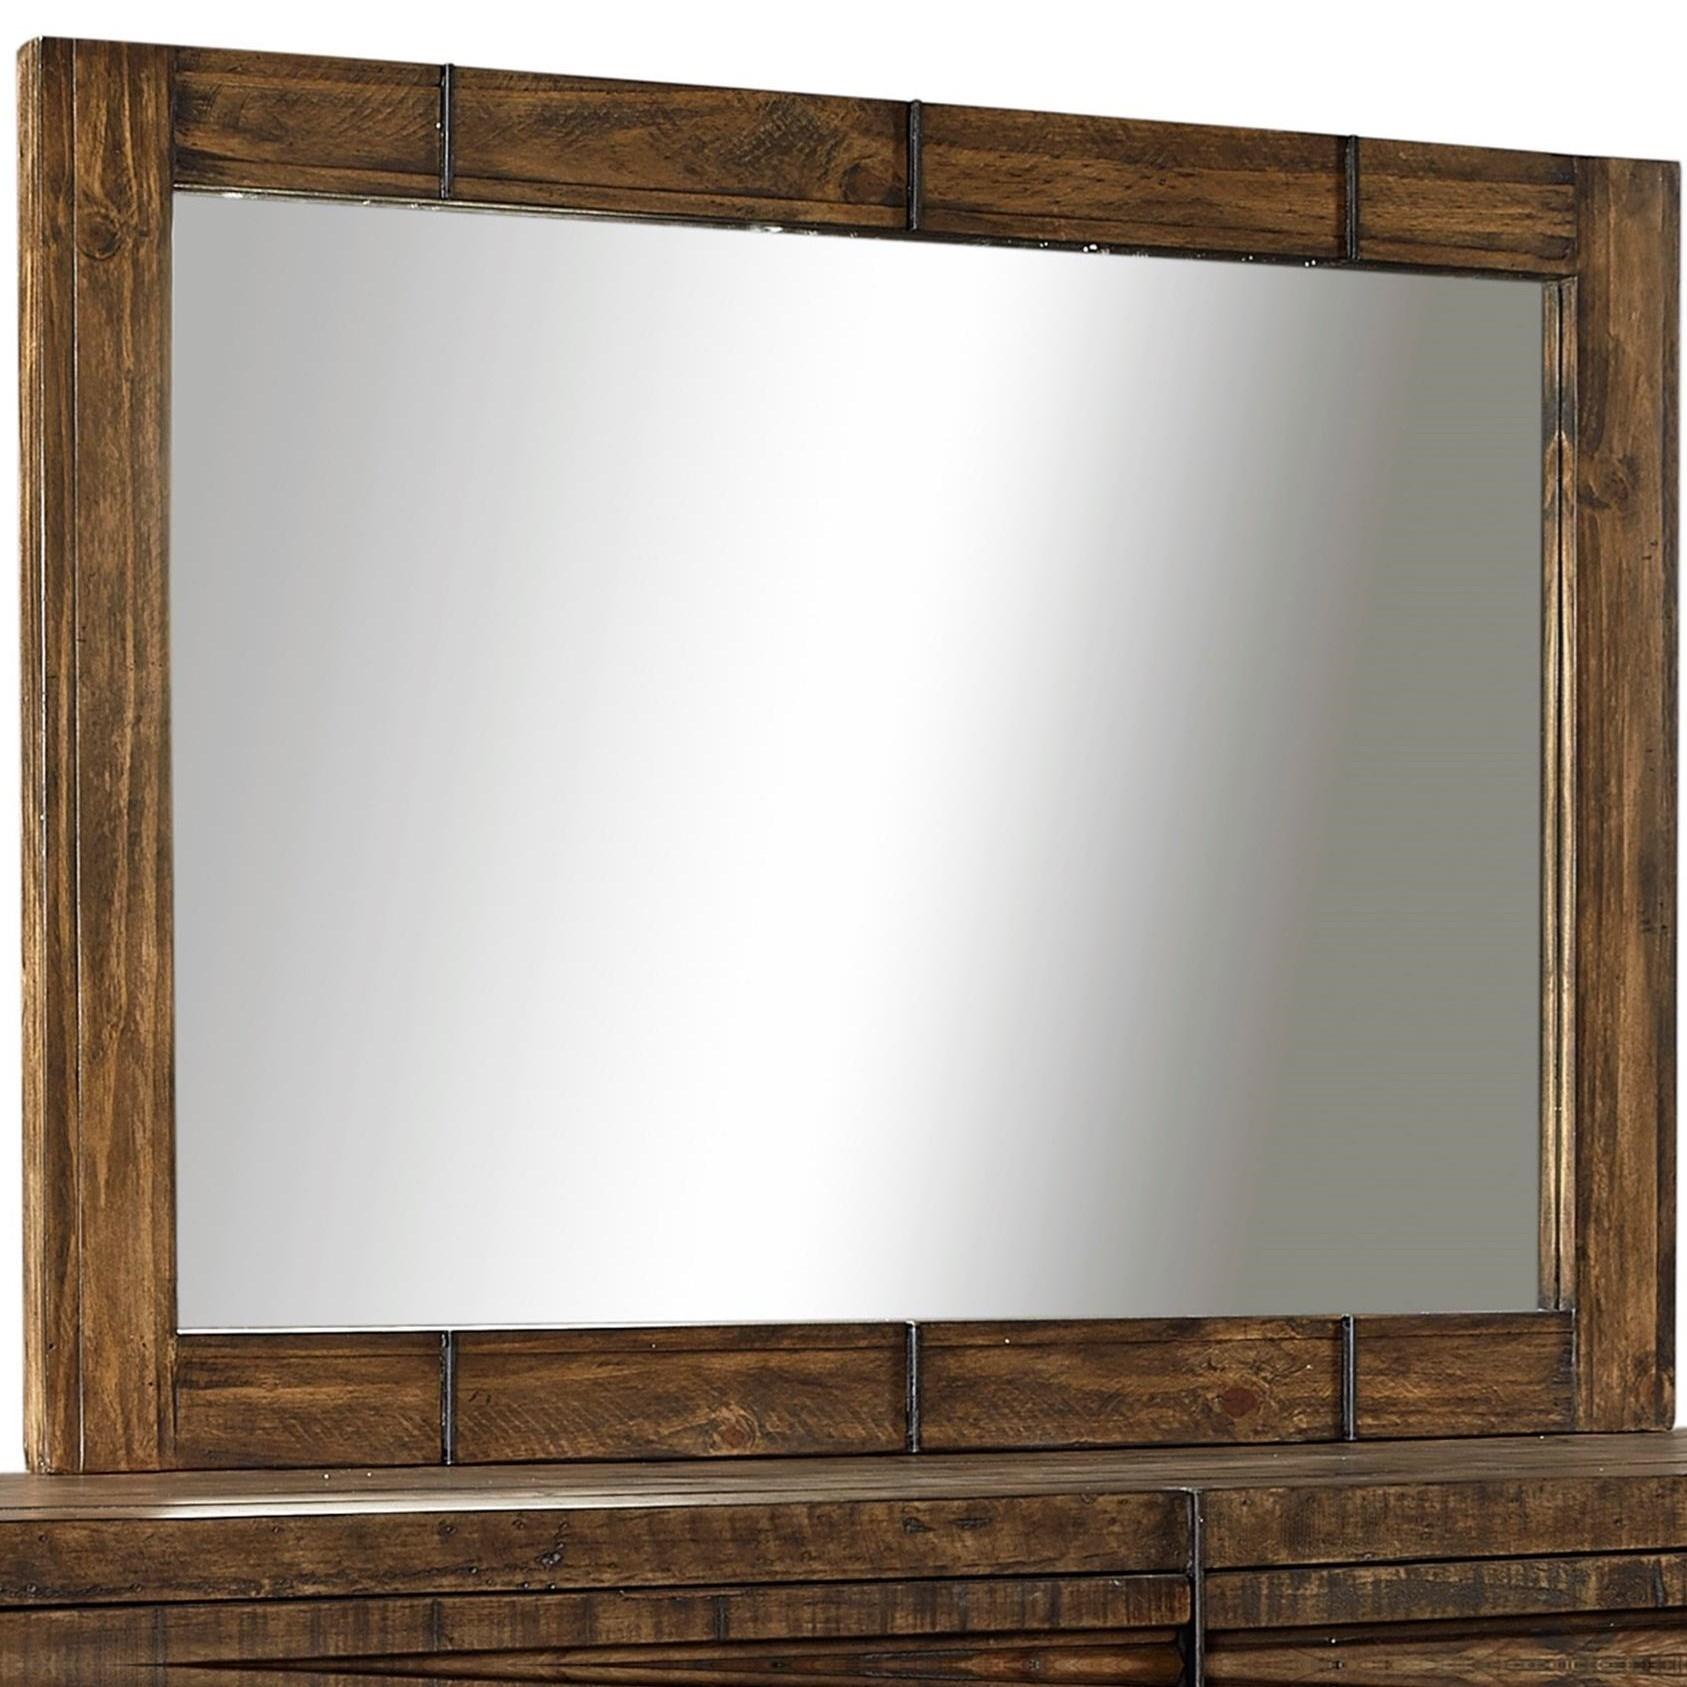 Aspenhome Dimensions Mirror  - Item Number: I52-462-RUM